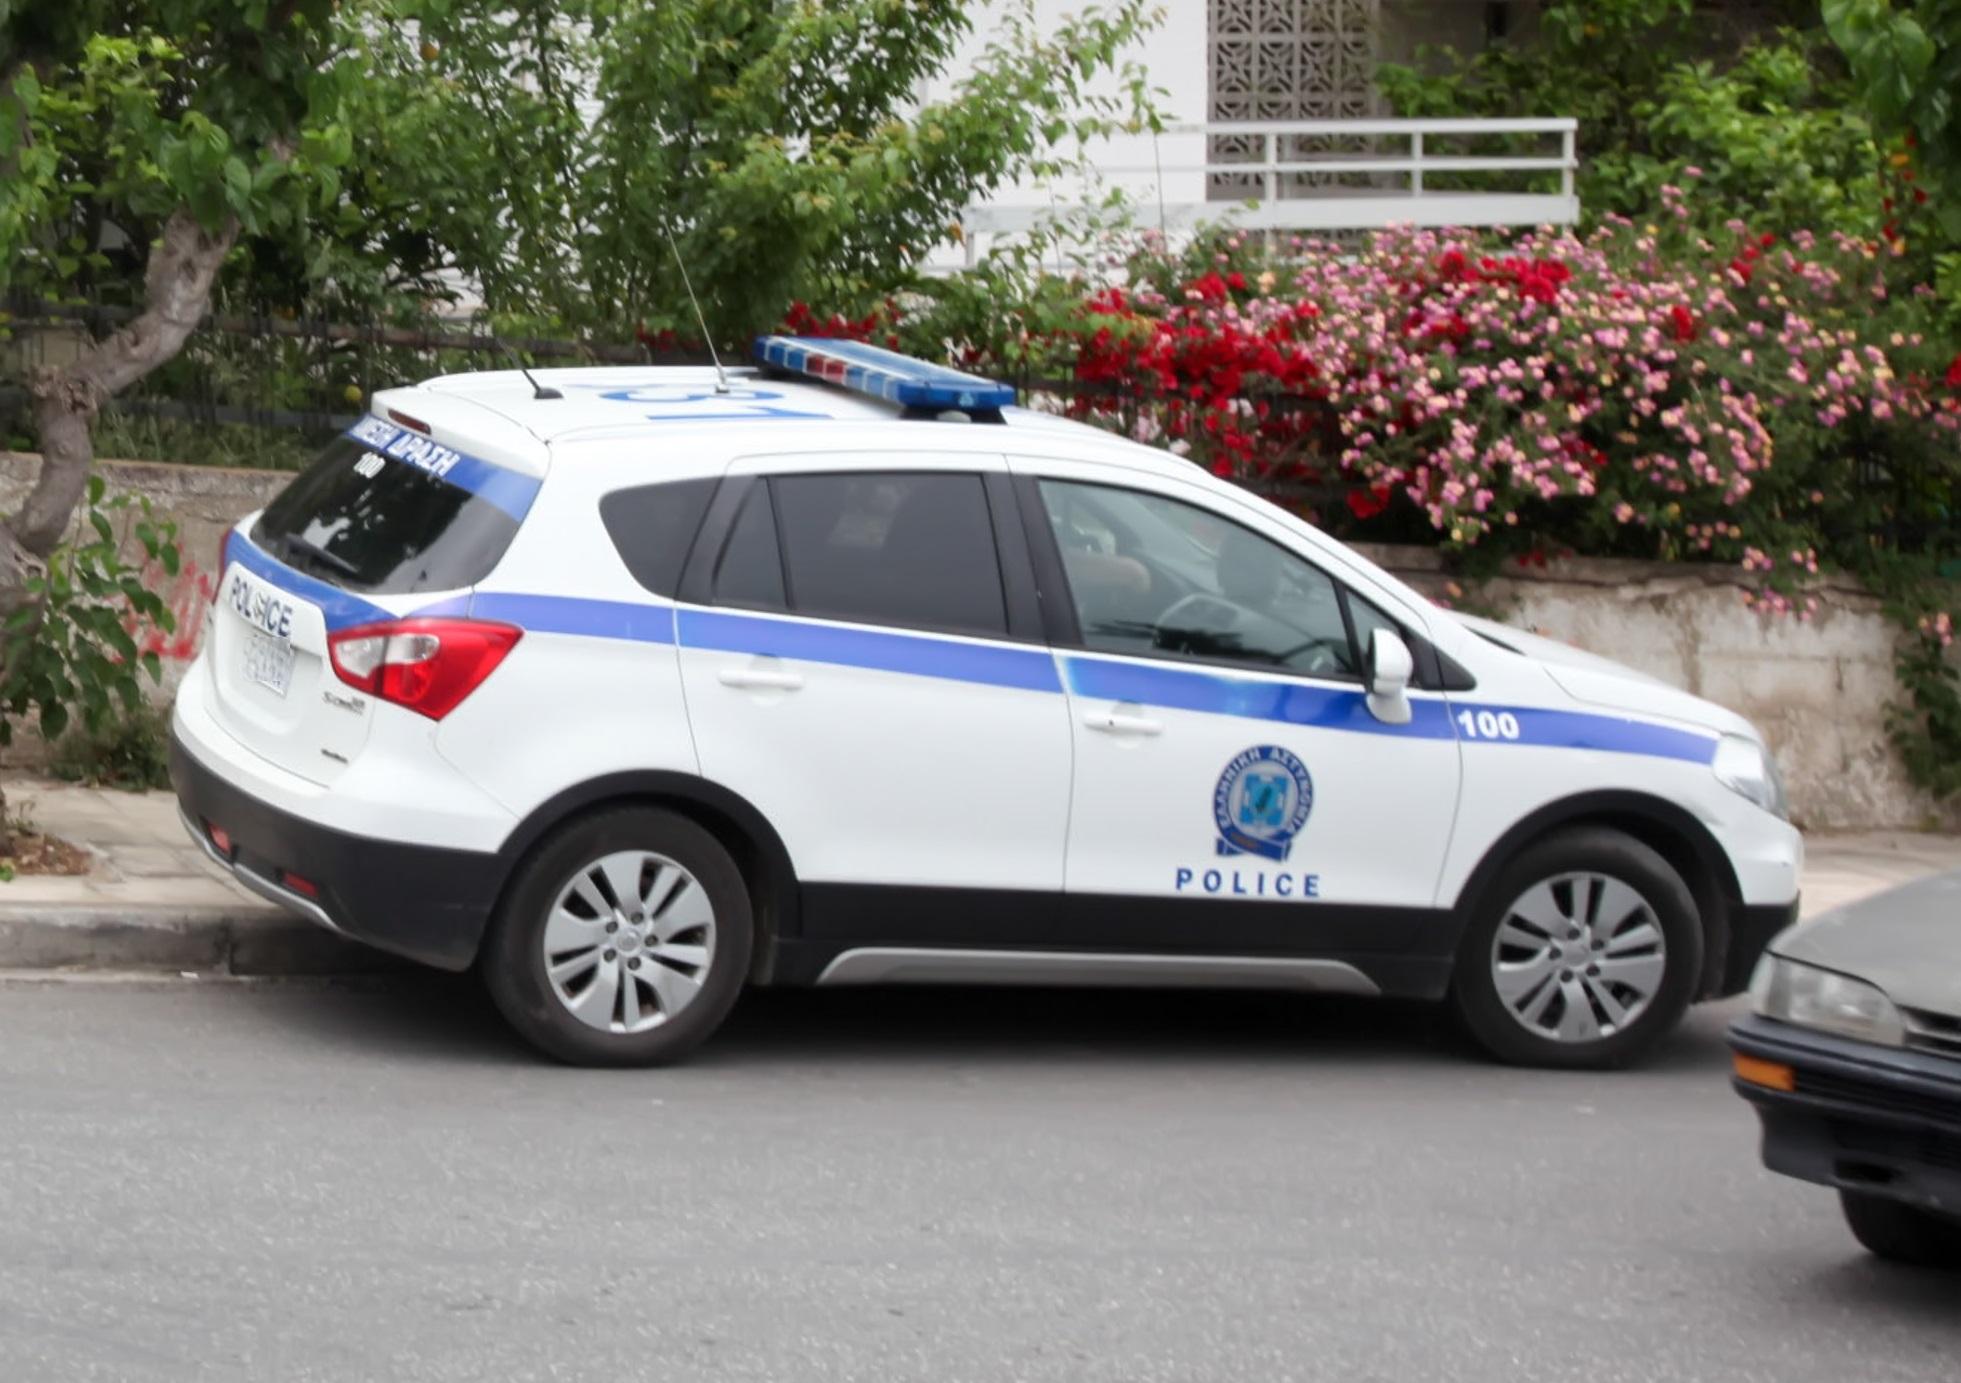 Φθιώτιδα: Εκτός από τις λίρες έκλεψαν και το όπλο του συνταξιούχου αστυνομικού!